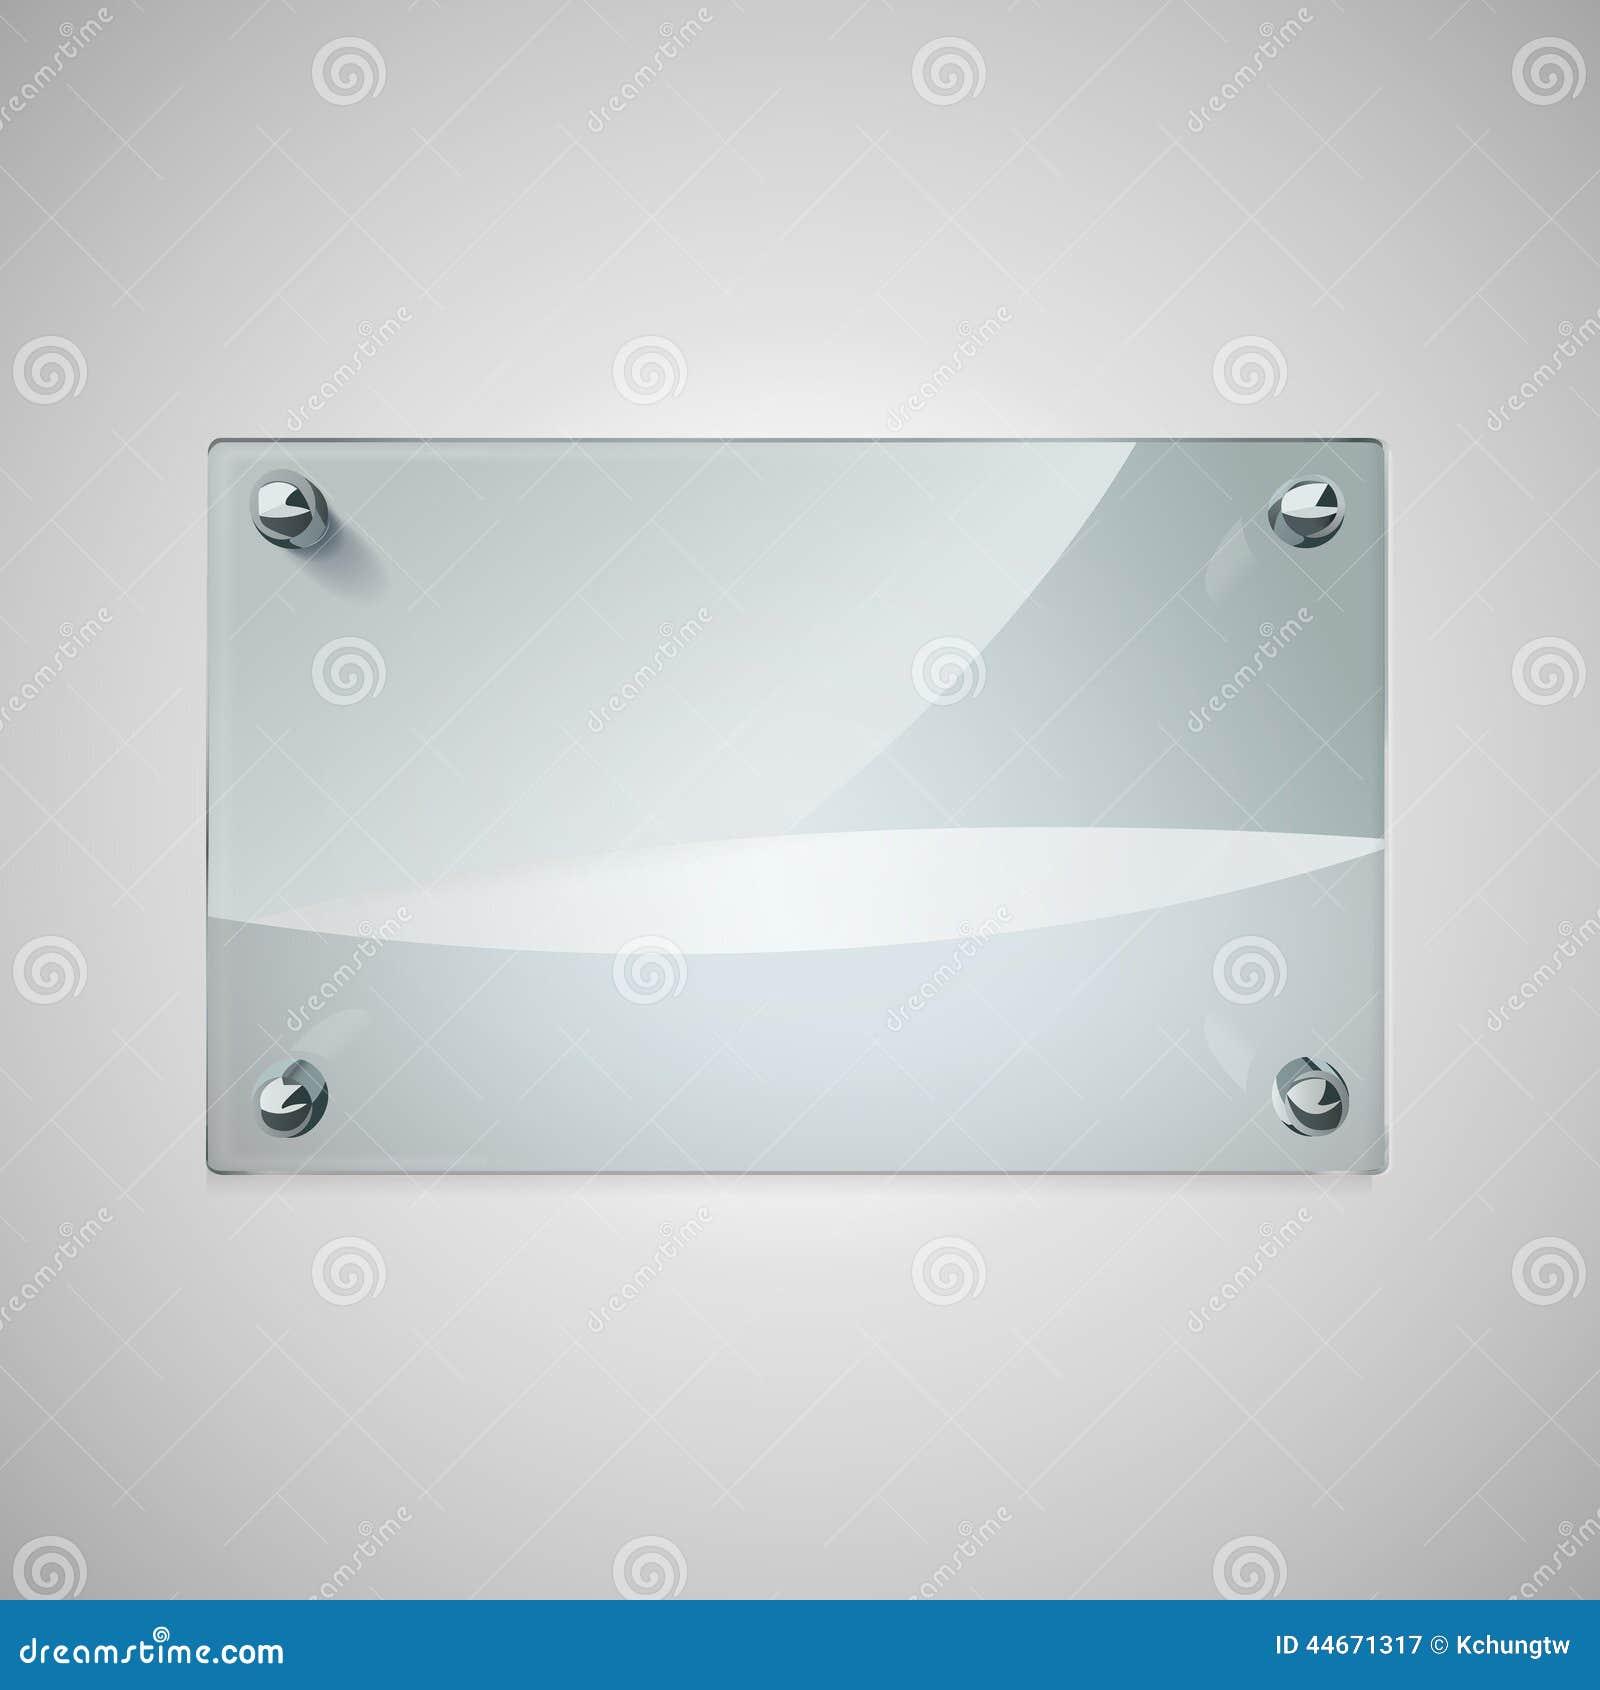 cadre en verre vide avec des rivets en m tal illustration. Black Bedroom Furniture Sets. Home Design Ideas